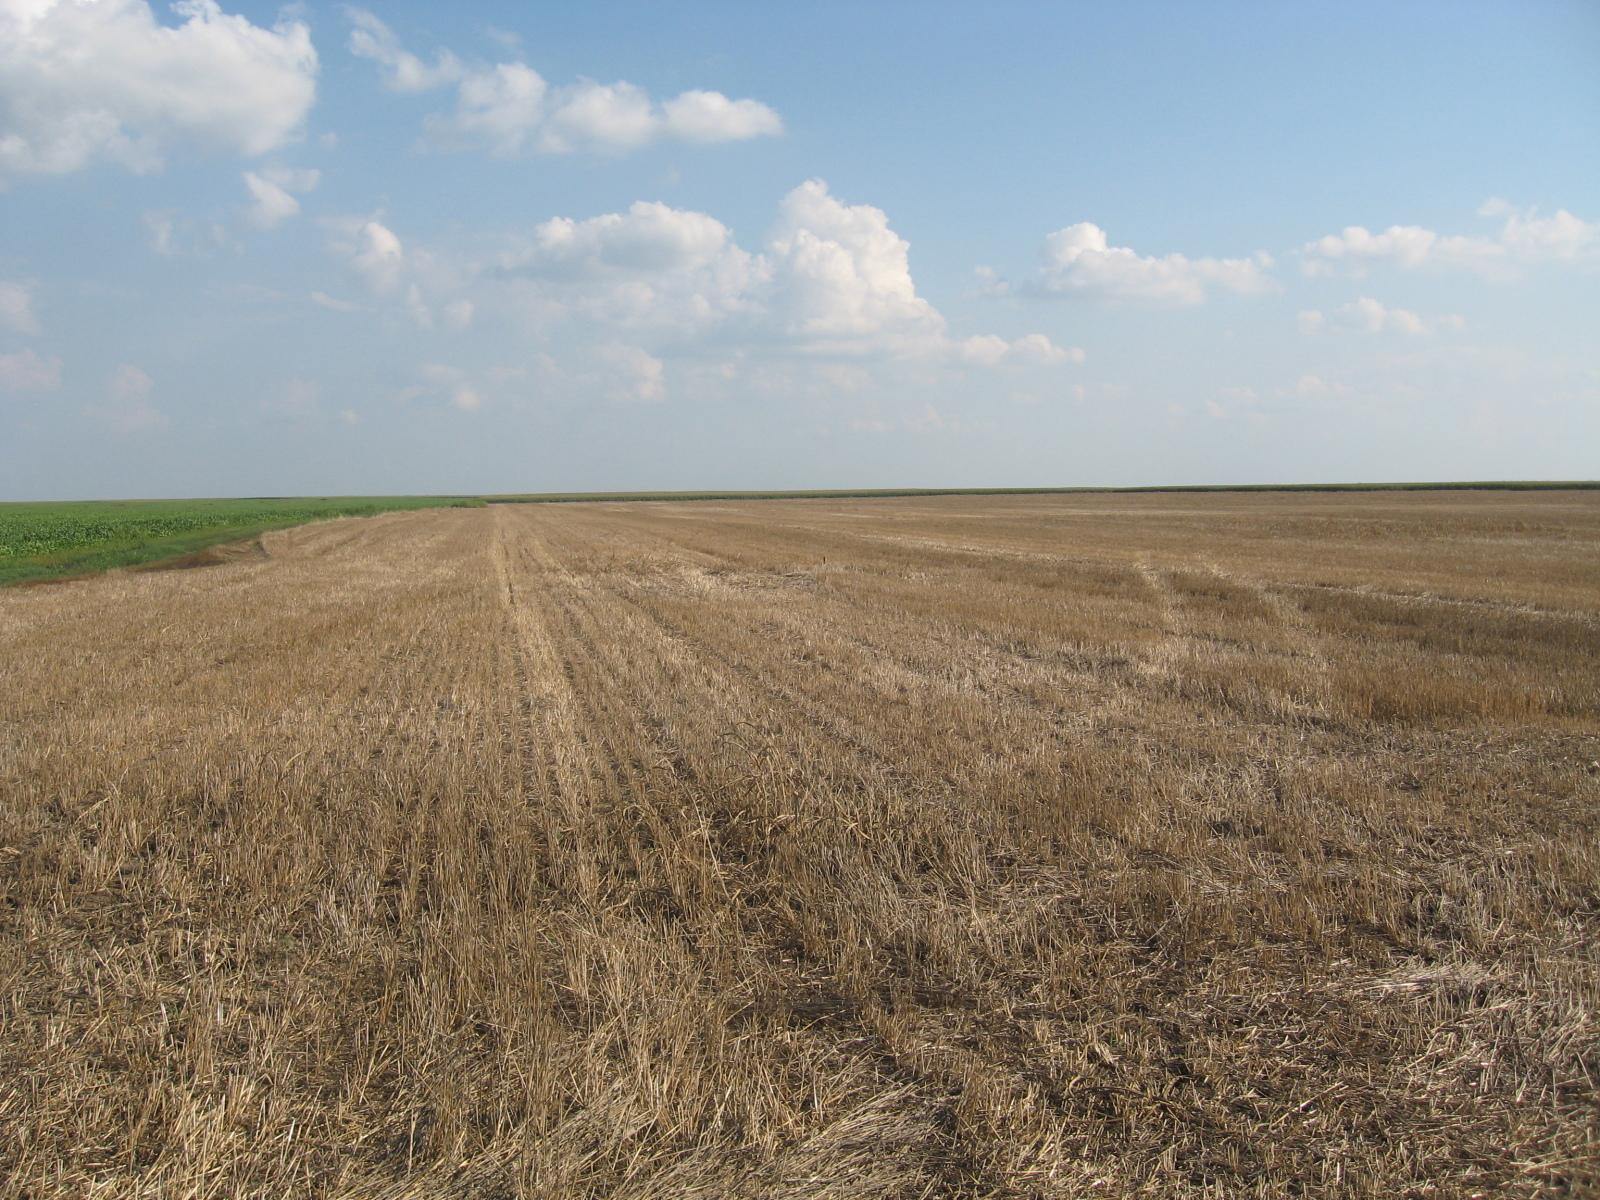 Kako postupati sa obradivim površinama nakon žetve strnih žita